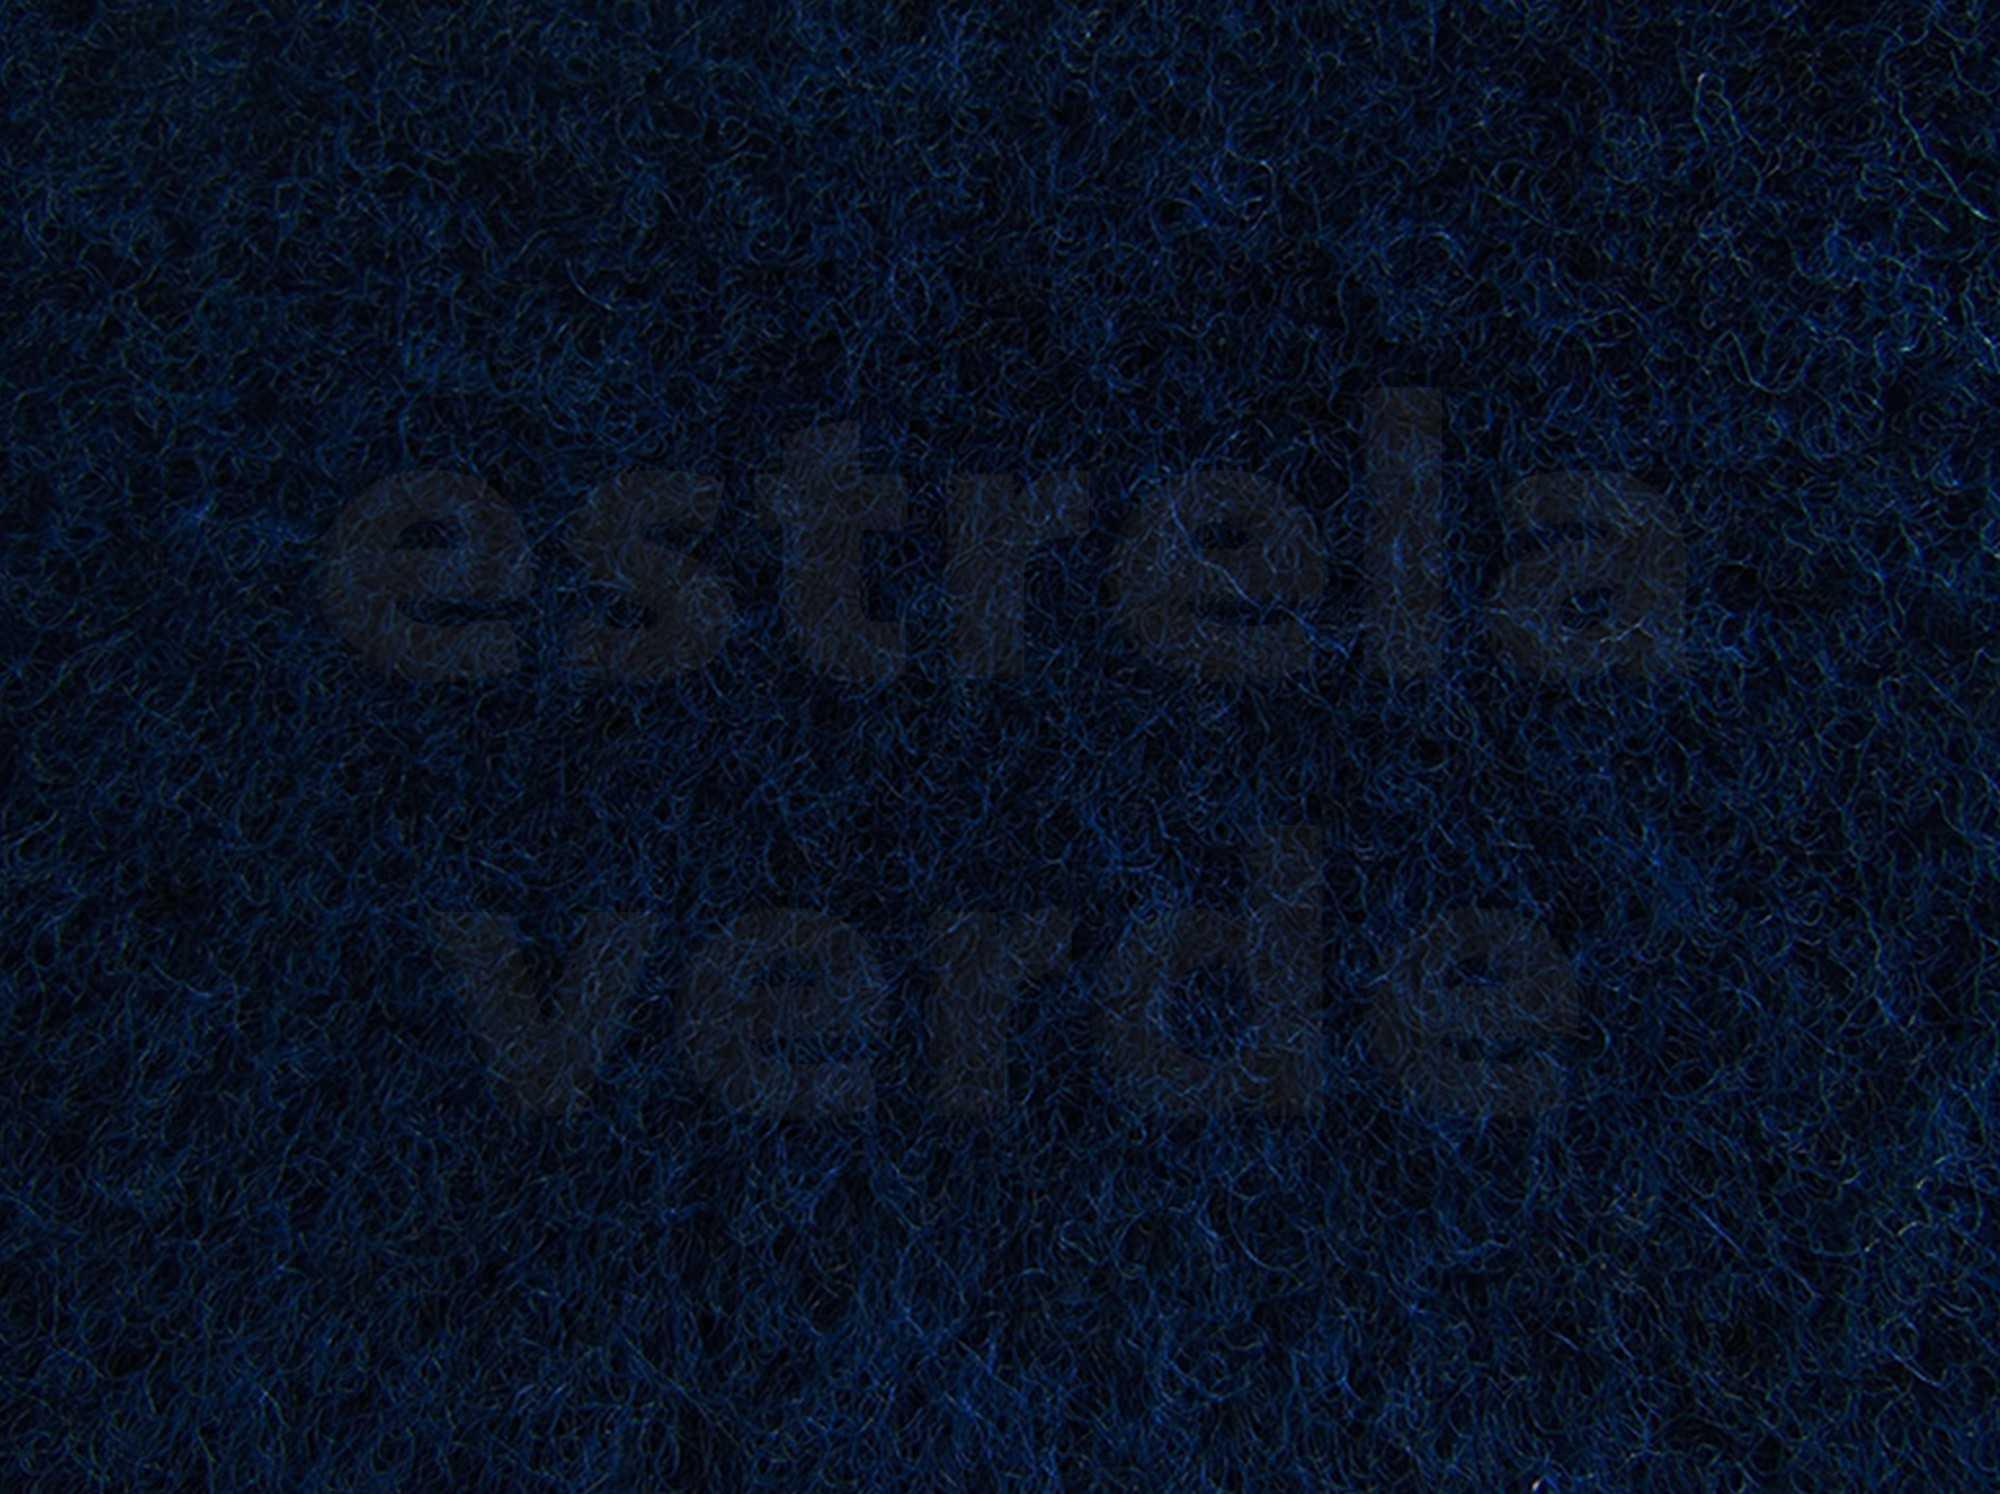 CARPETE AZUL MARINHO C/ RESINA (923) 2,00 LARG  - Estrela Verde